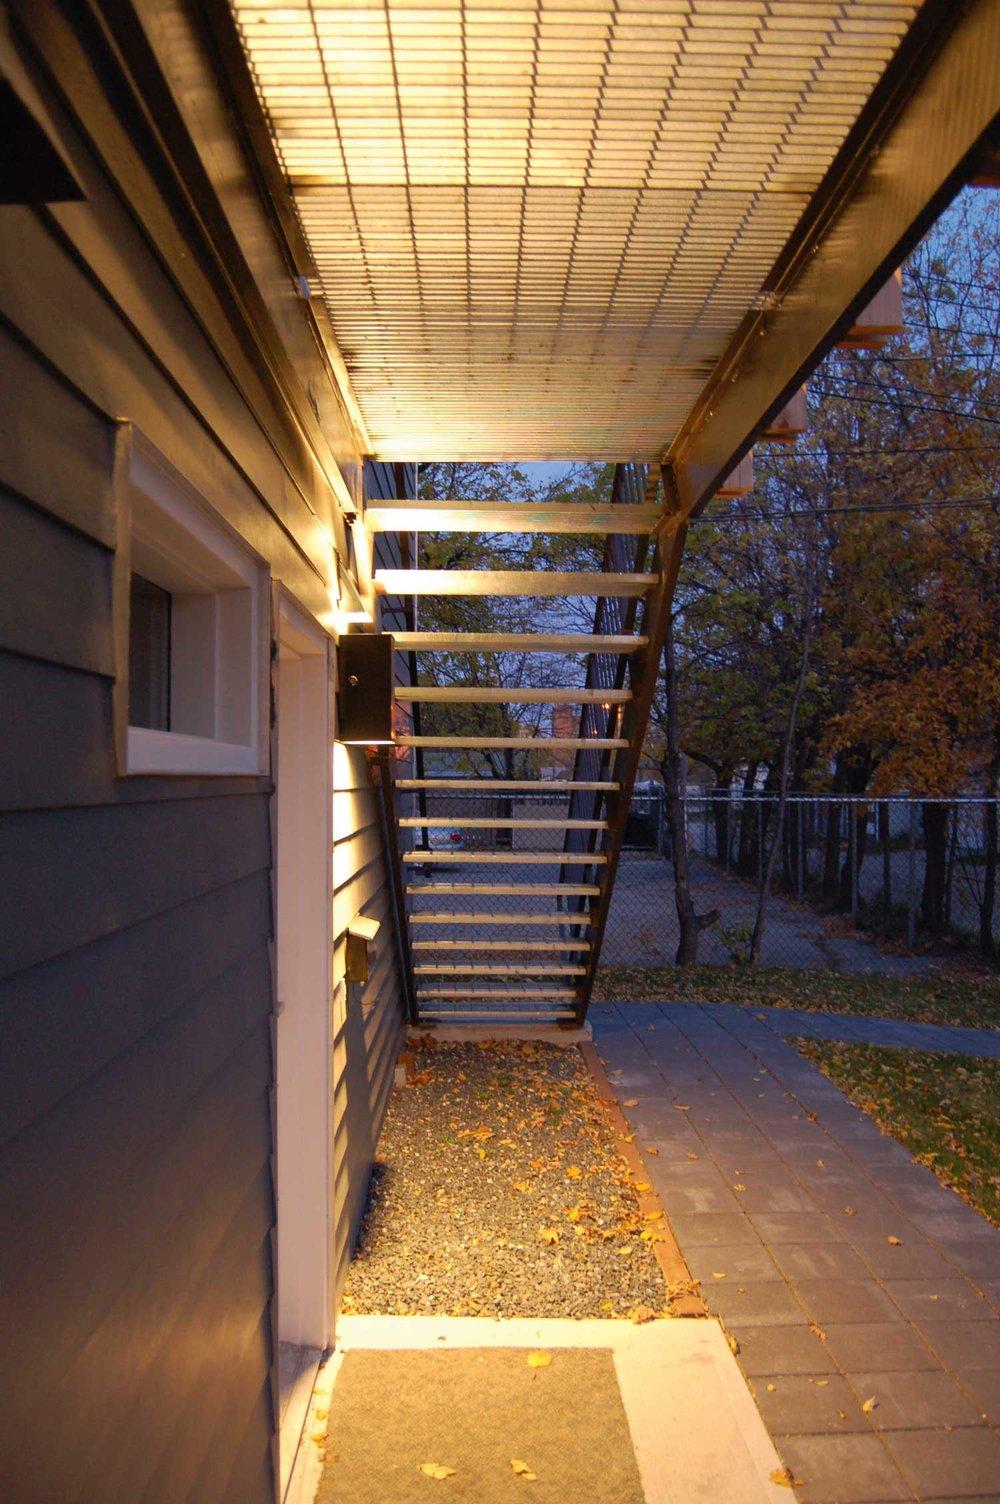 ….Second-floor decks hang from the roof structure so that entries below are free of obstructions and open to view. ..Les terrasses du deuxième étage sont suspendues à partir de la structure du toit, afin de libérer les entrées au-dessous. ….